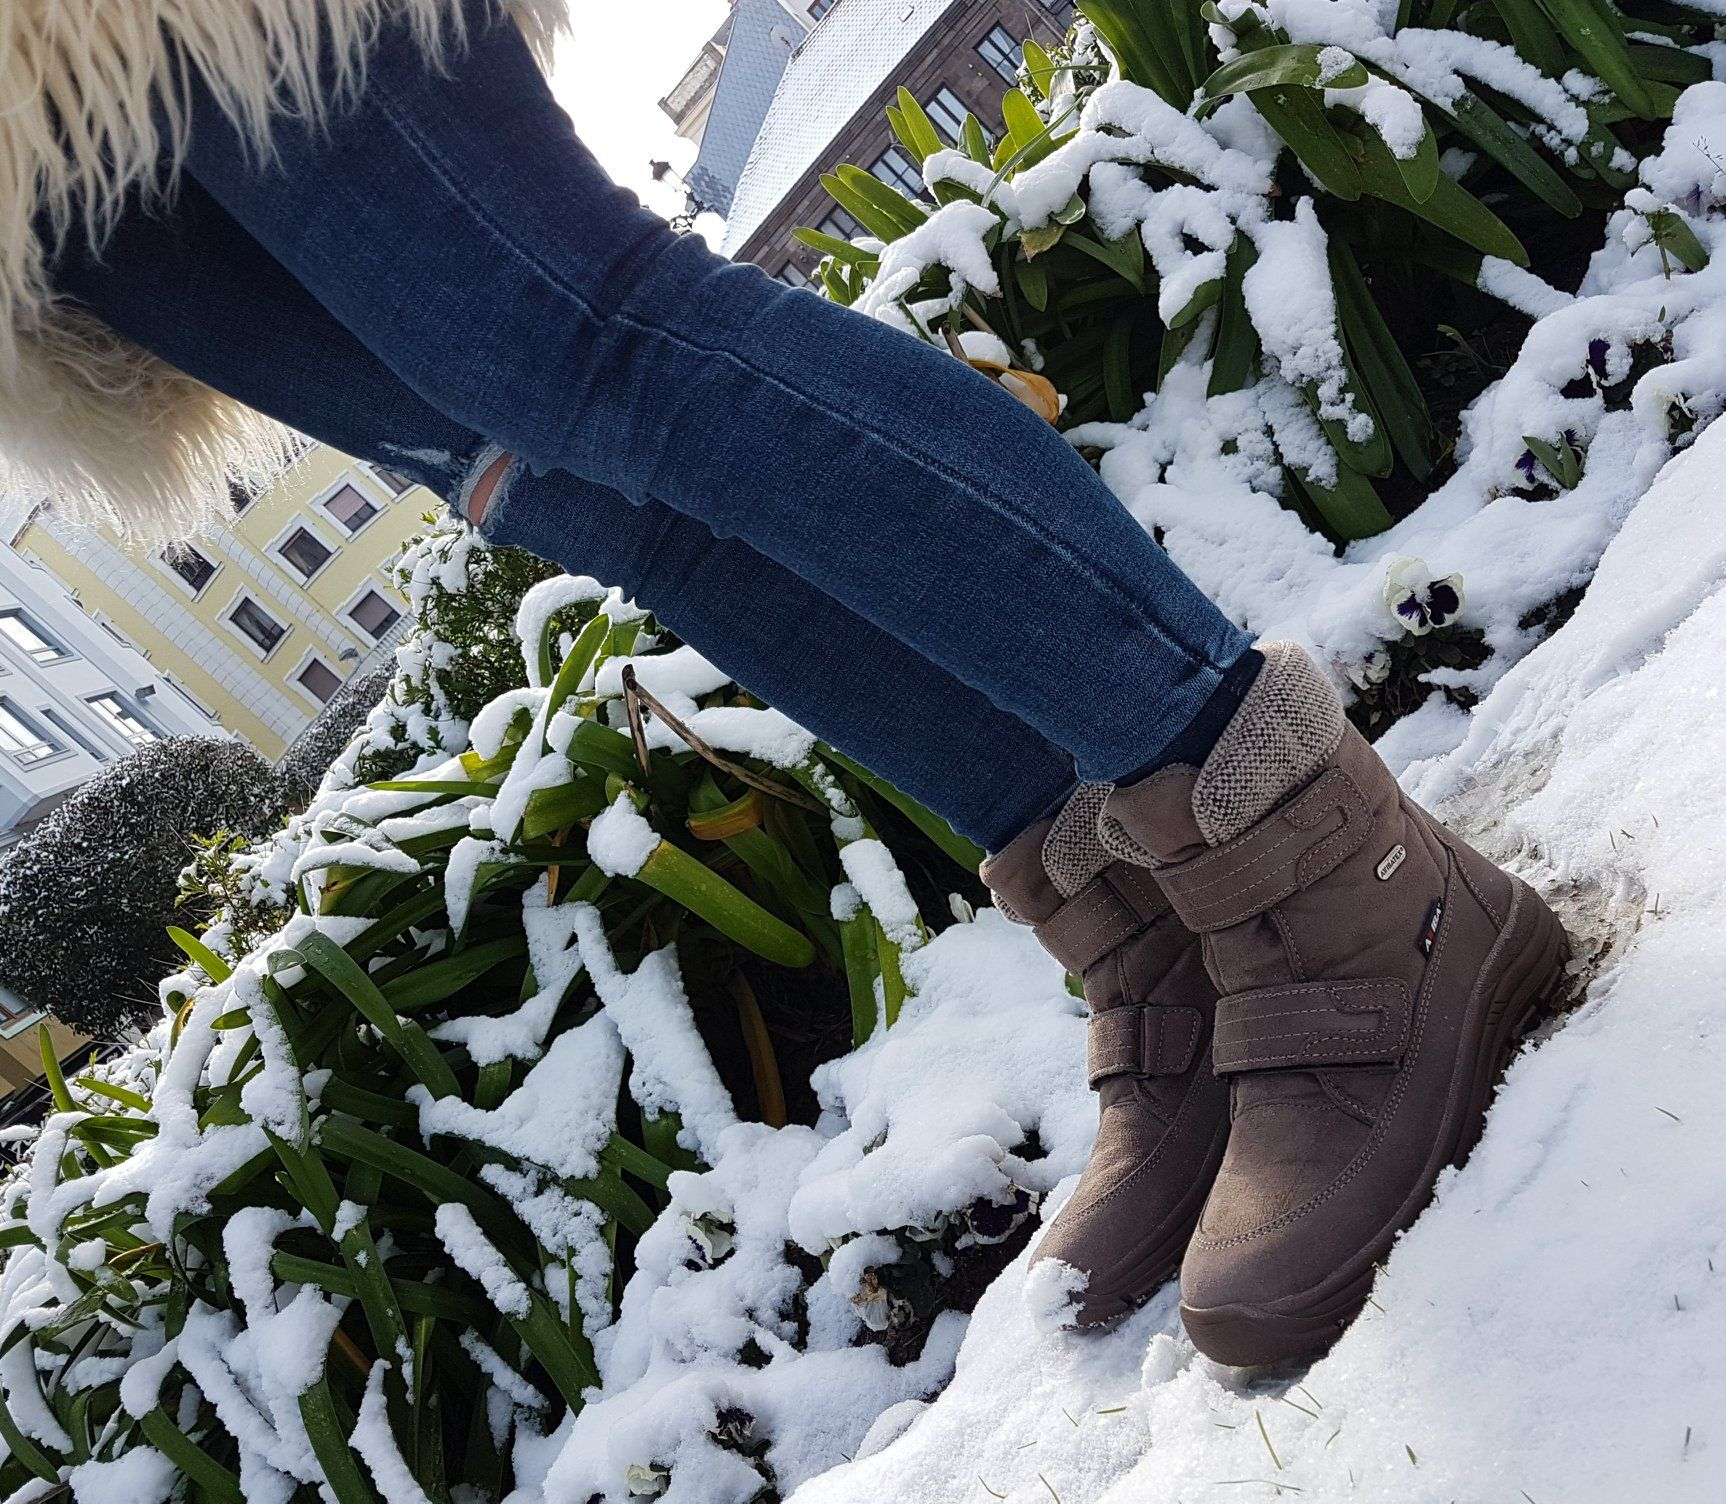 Botas de invierno a buen precio